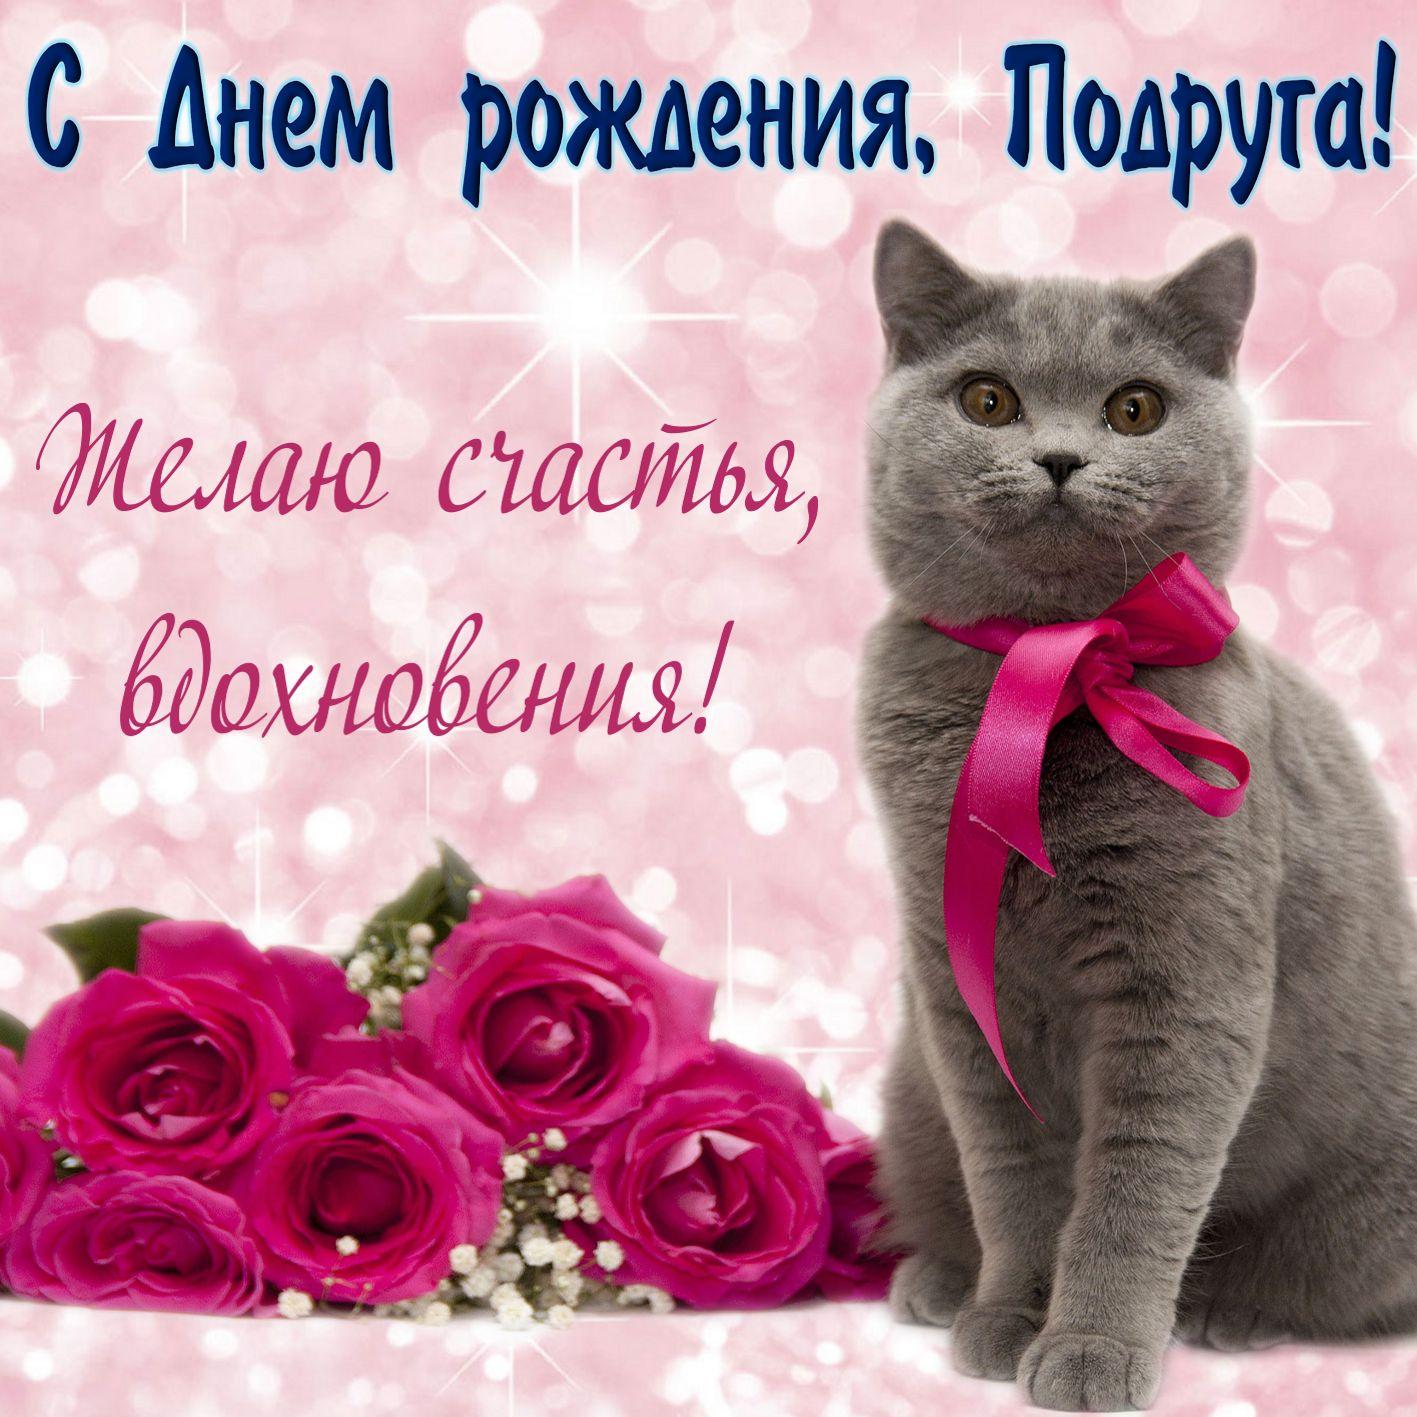 Принимай Подруга Поздравления